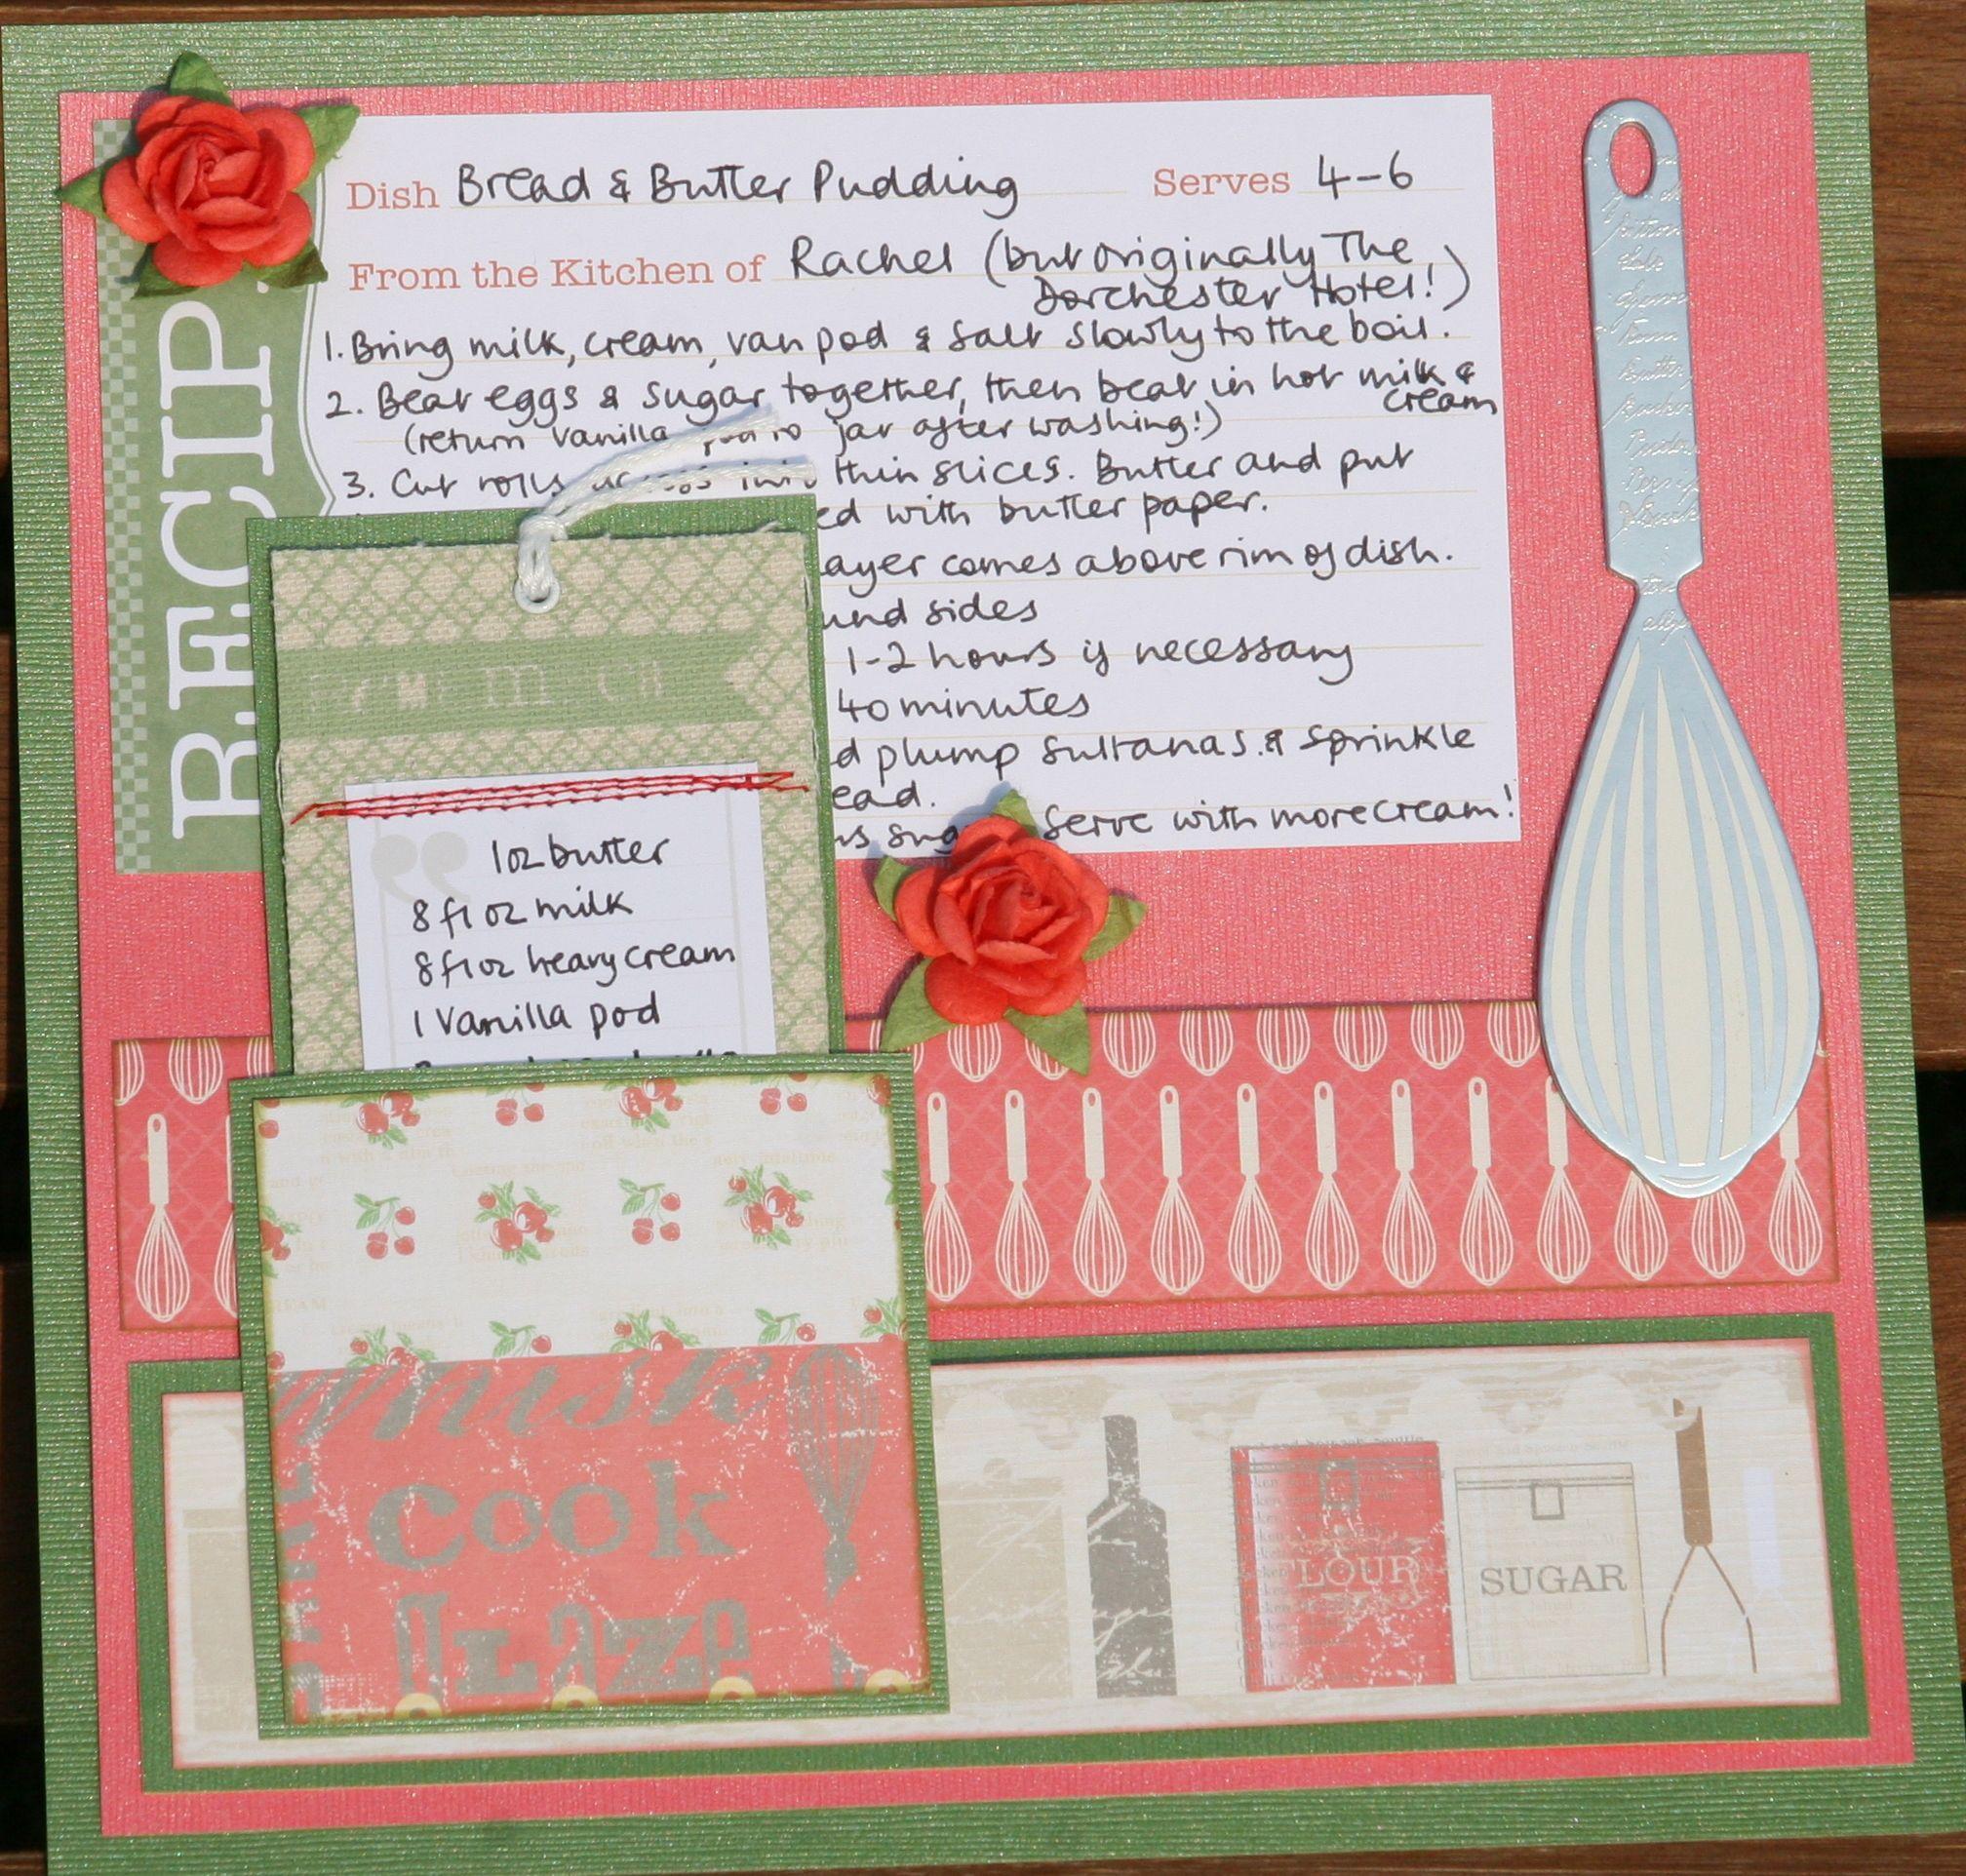 Homemade scrapbook ideas - Bread Butter Pudding Scrapbook Com